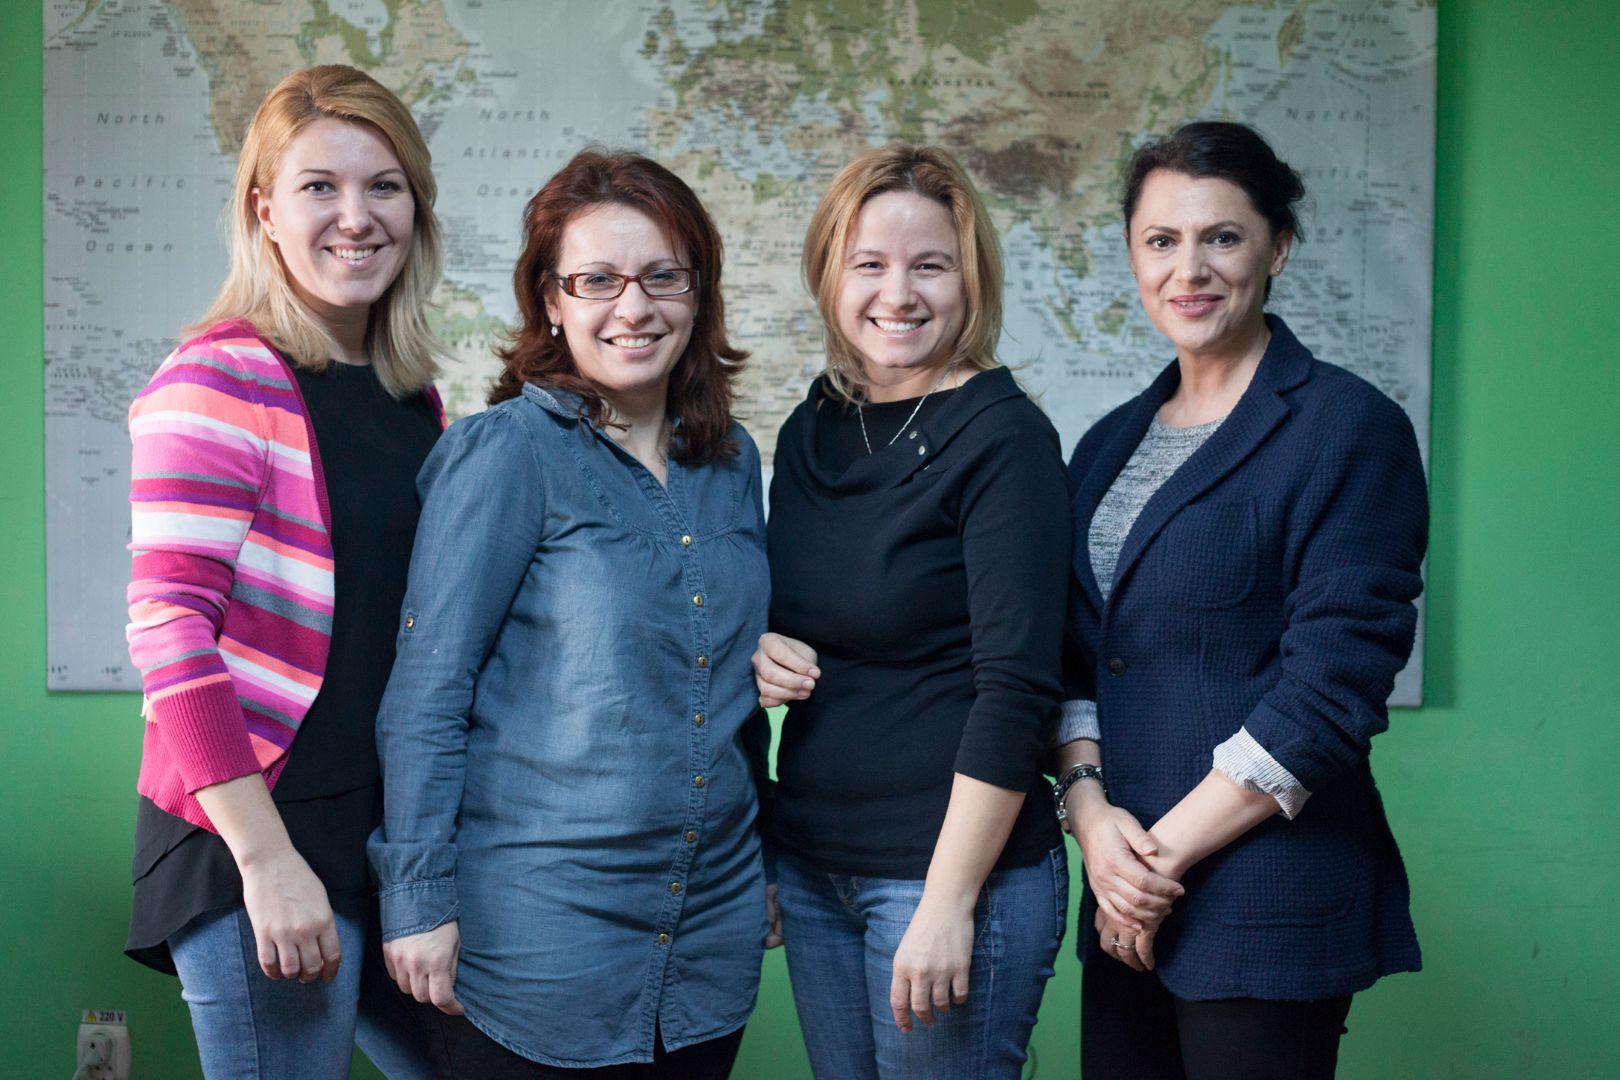 Women's center 'House of Joy'